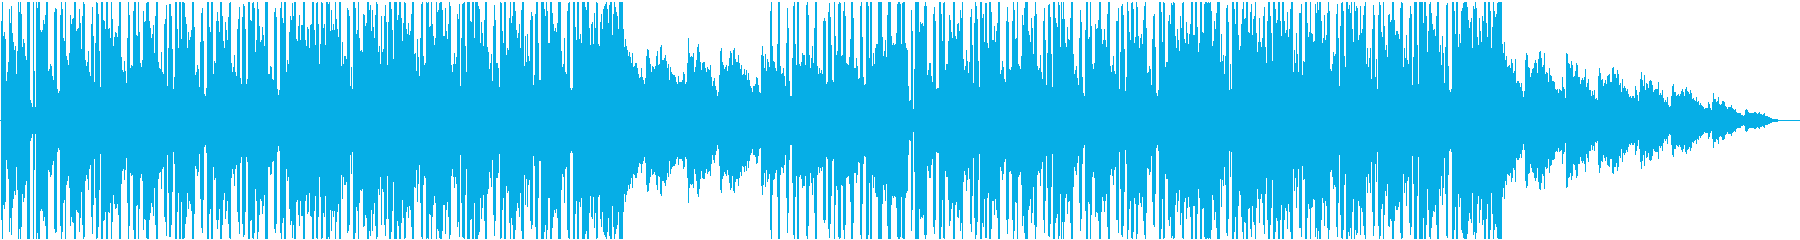 スローアーバンヒップホップの再生済みの波形